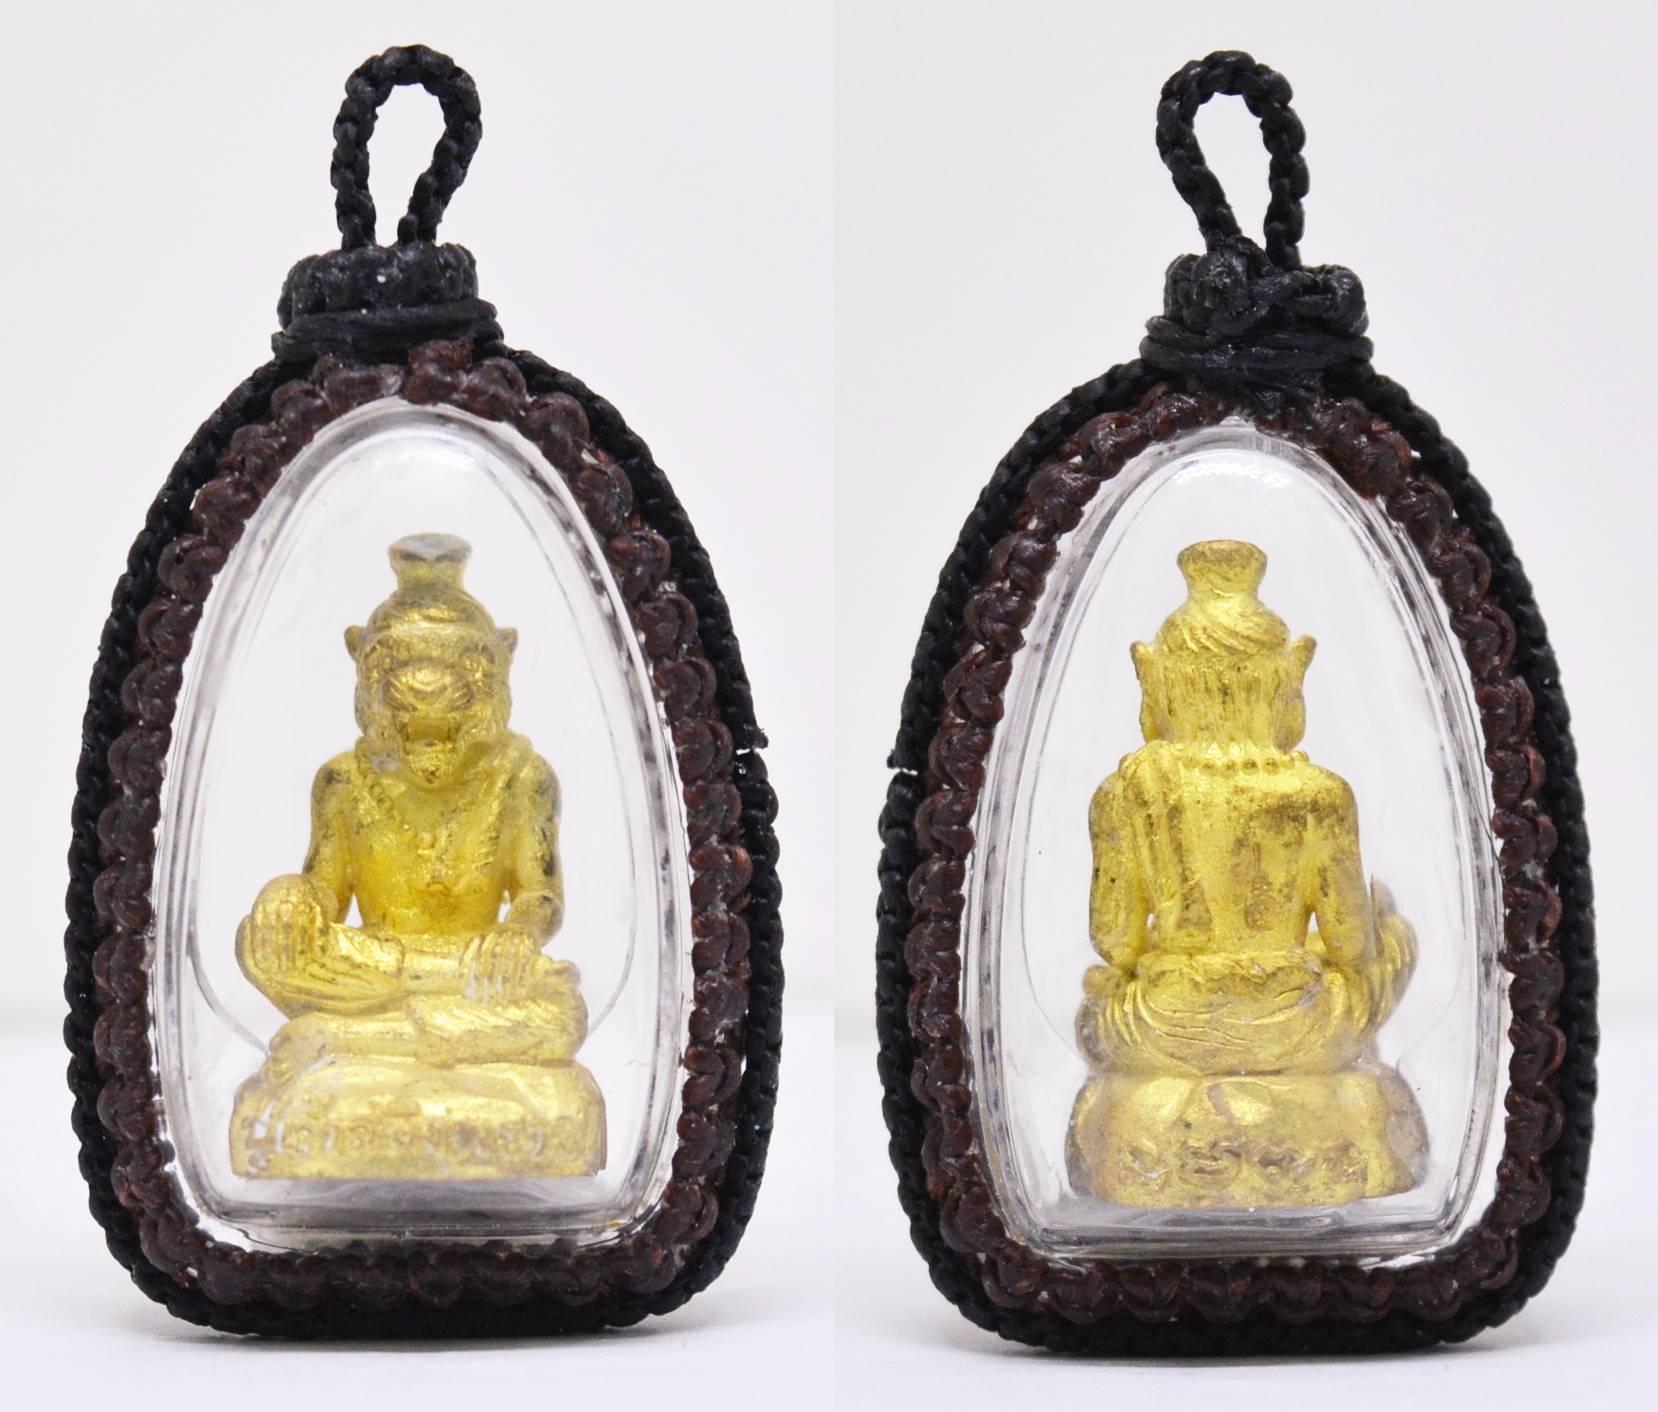 ปู่เจ้าสมิงพราย ทองเหลืองฝังตะกรุดเทพรำลึก อาจารย์พรต สำนักปู่เสน่ห์โคบุตร ถักเชือกเทียน